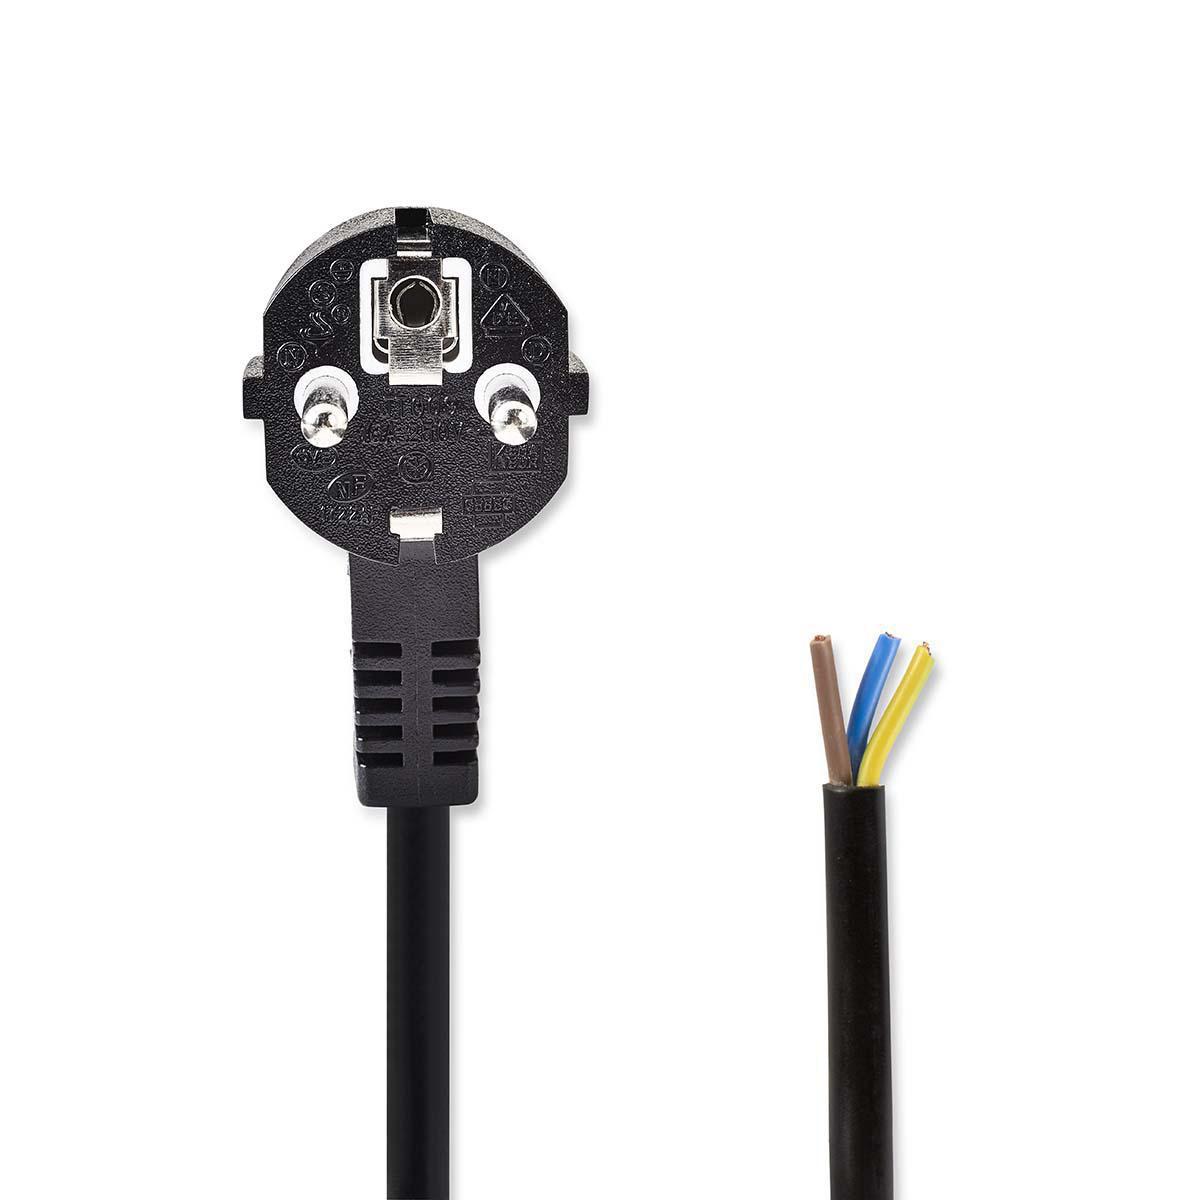 Zwarte voedingskabel - stroomkabel - 3 meter - schuko - stekker - zwart - 3x 1.5mm